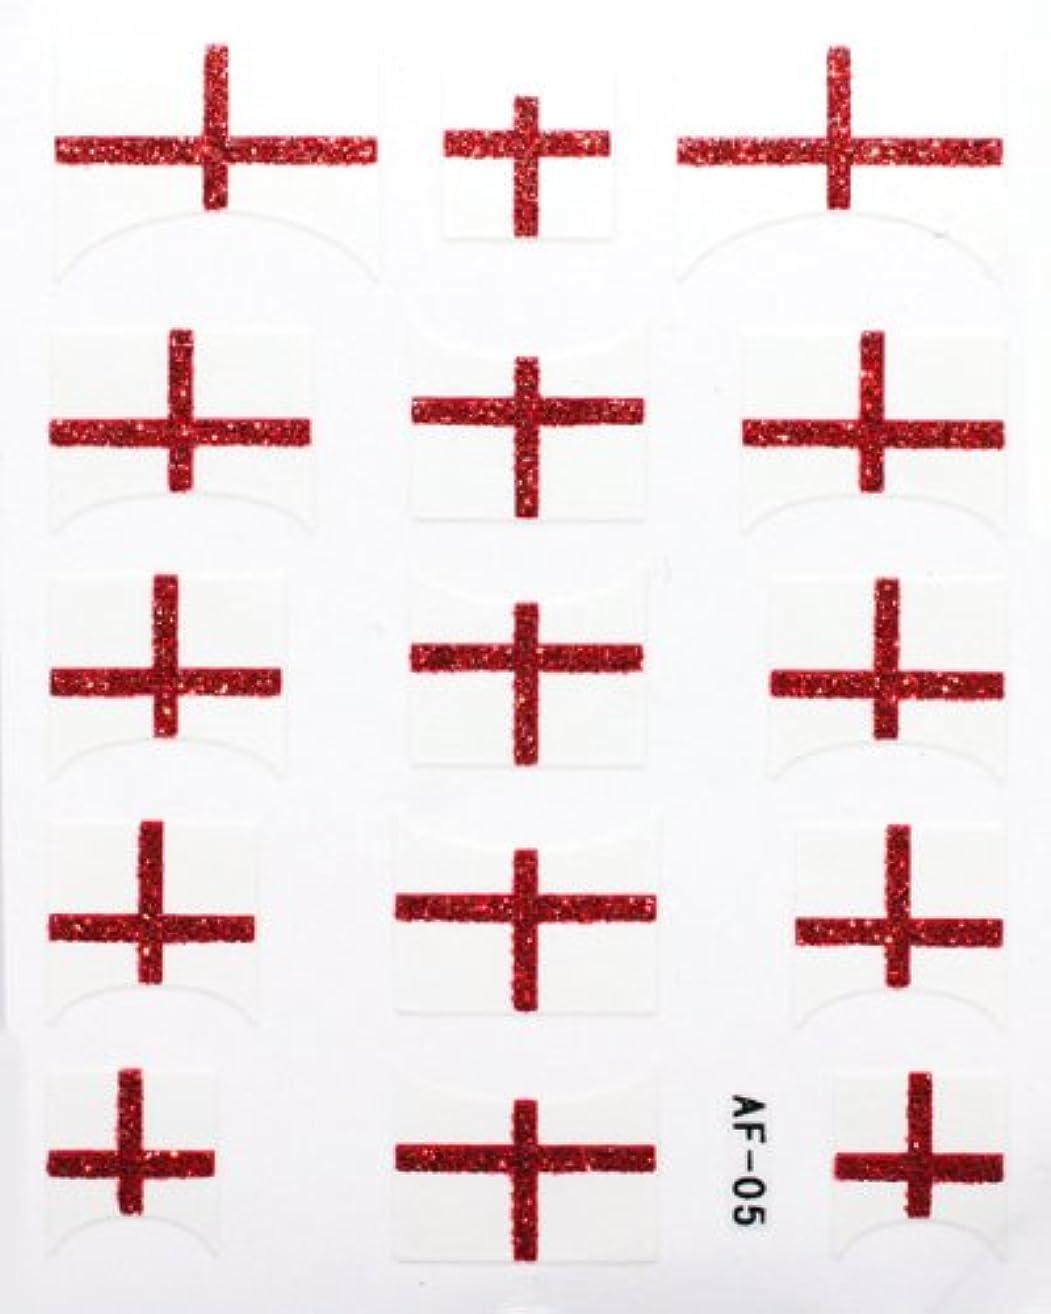 抵抗任意任命するきらきら逆フレンチネイルシール イングランド国旗 AF05 貼るだけ ジェルネイルアート